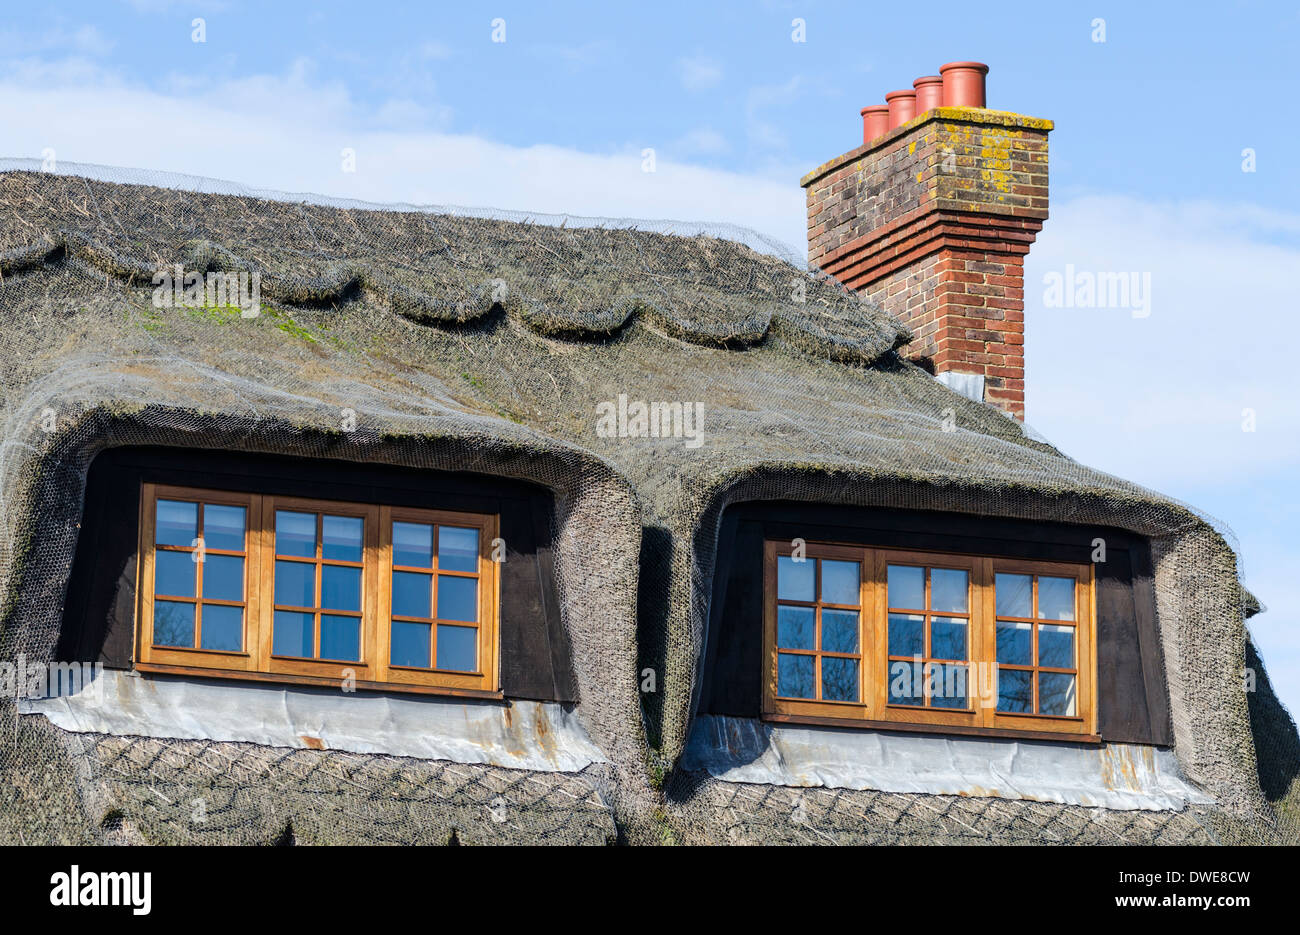 House With Dormer Windows Stock Photos & House With Dormer ...